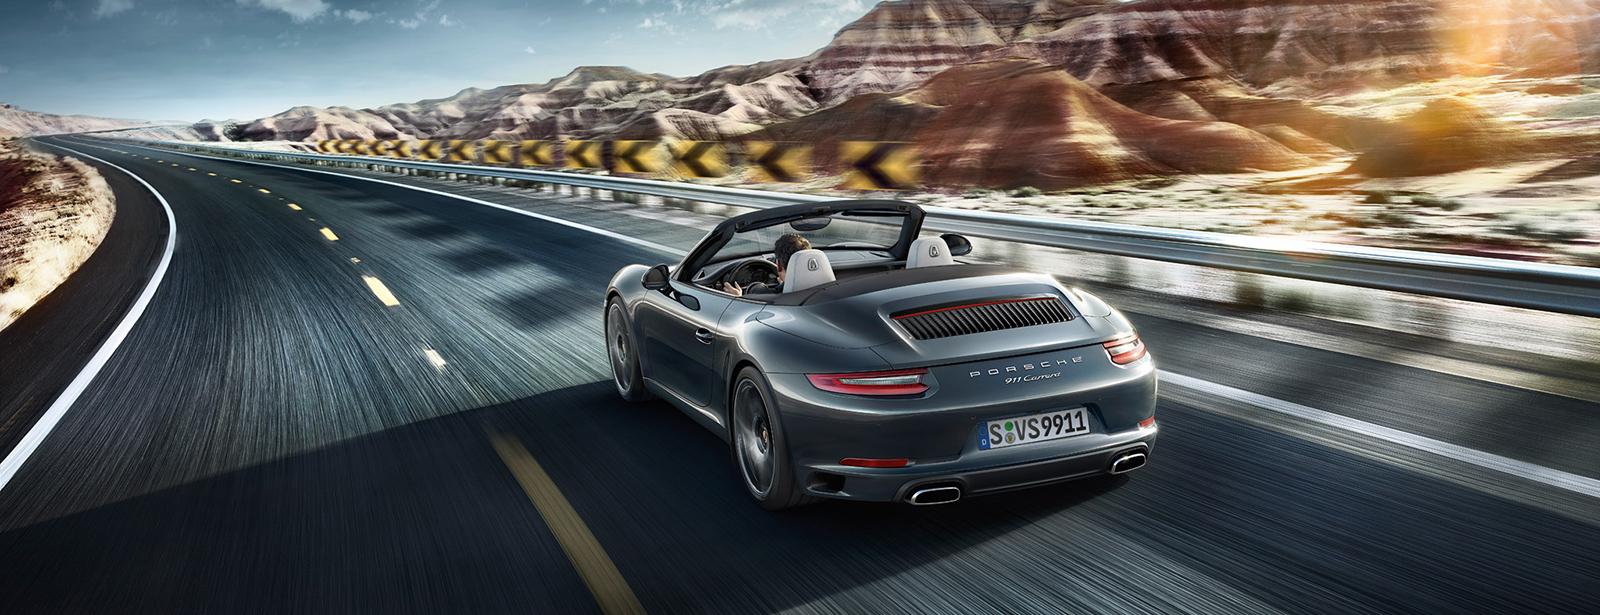 Wir suchen Ihren Wunsch-Porsche